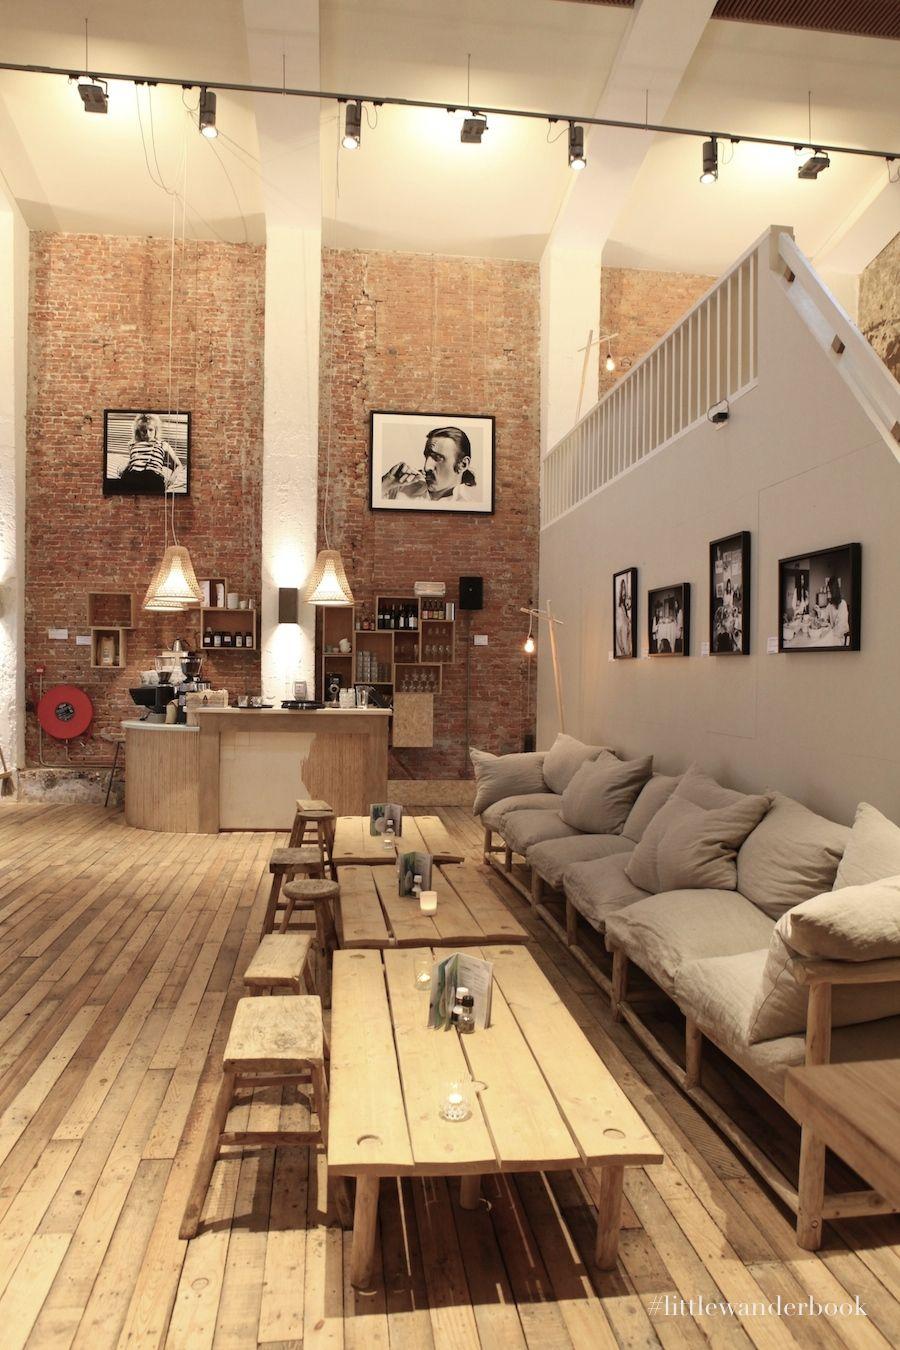 ct coffee coconuts amsterdam die kissen und sitzh he sind hier zu unpraktisch und niedrig. Black Bedroom Furniture Sets. Home Design Ideas